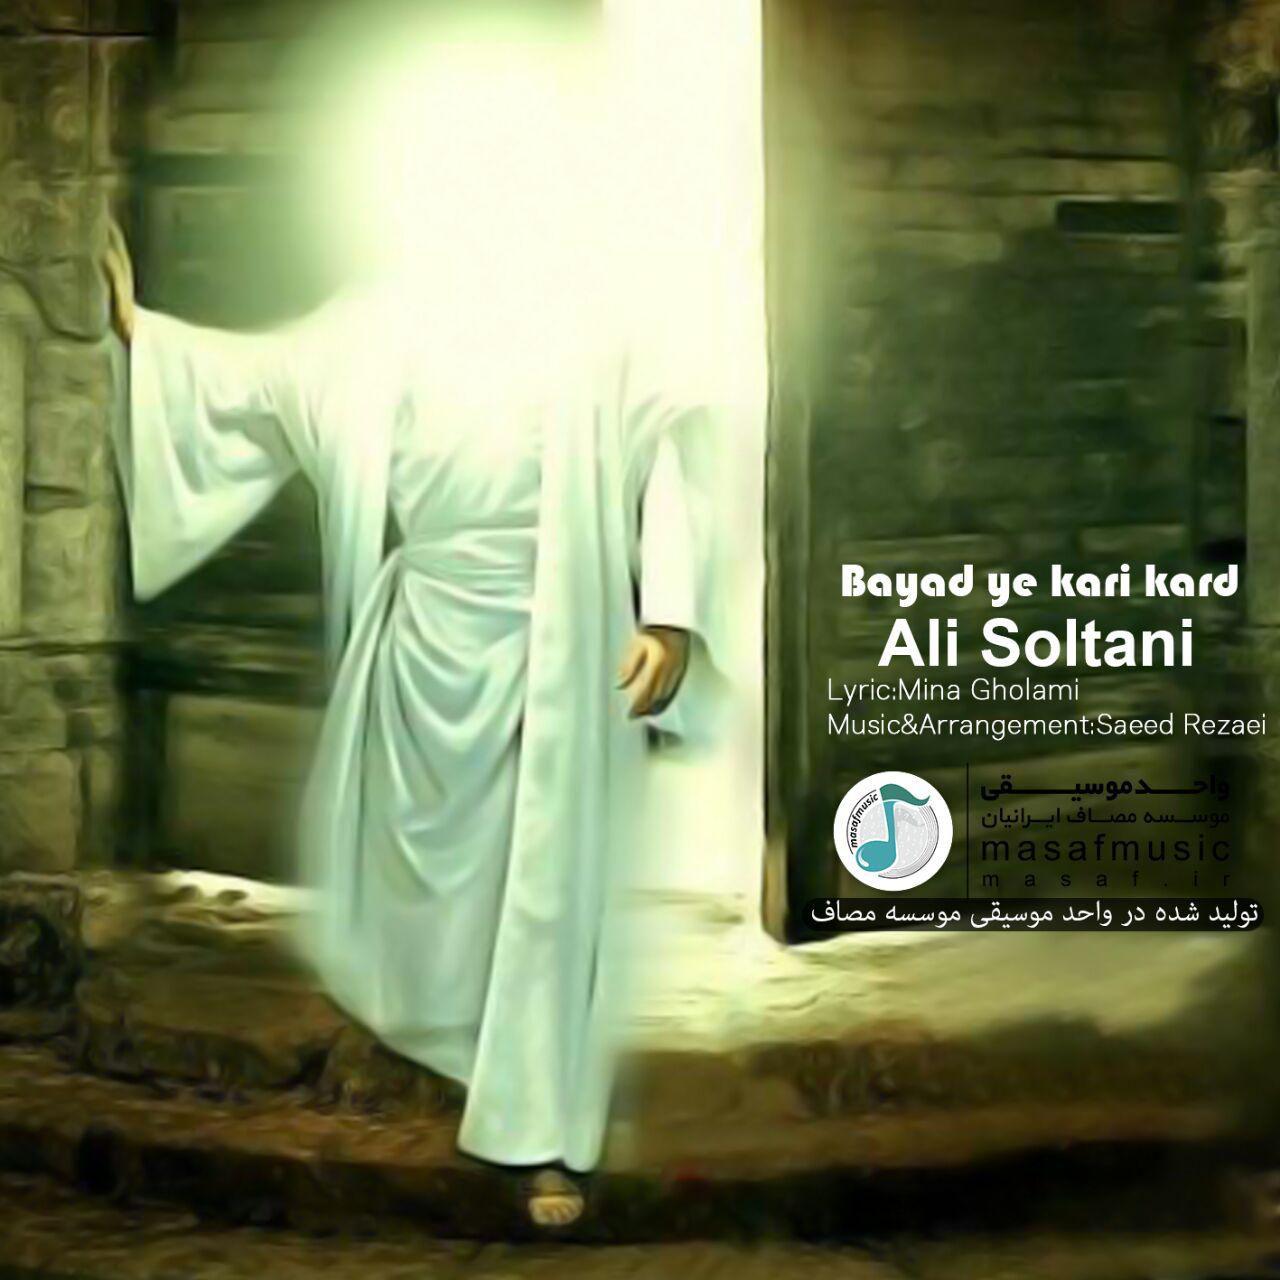 دانلود موزیک ویدئو و آهنگ باید یه کاری کرد با صدای علی سلطانی